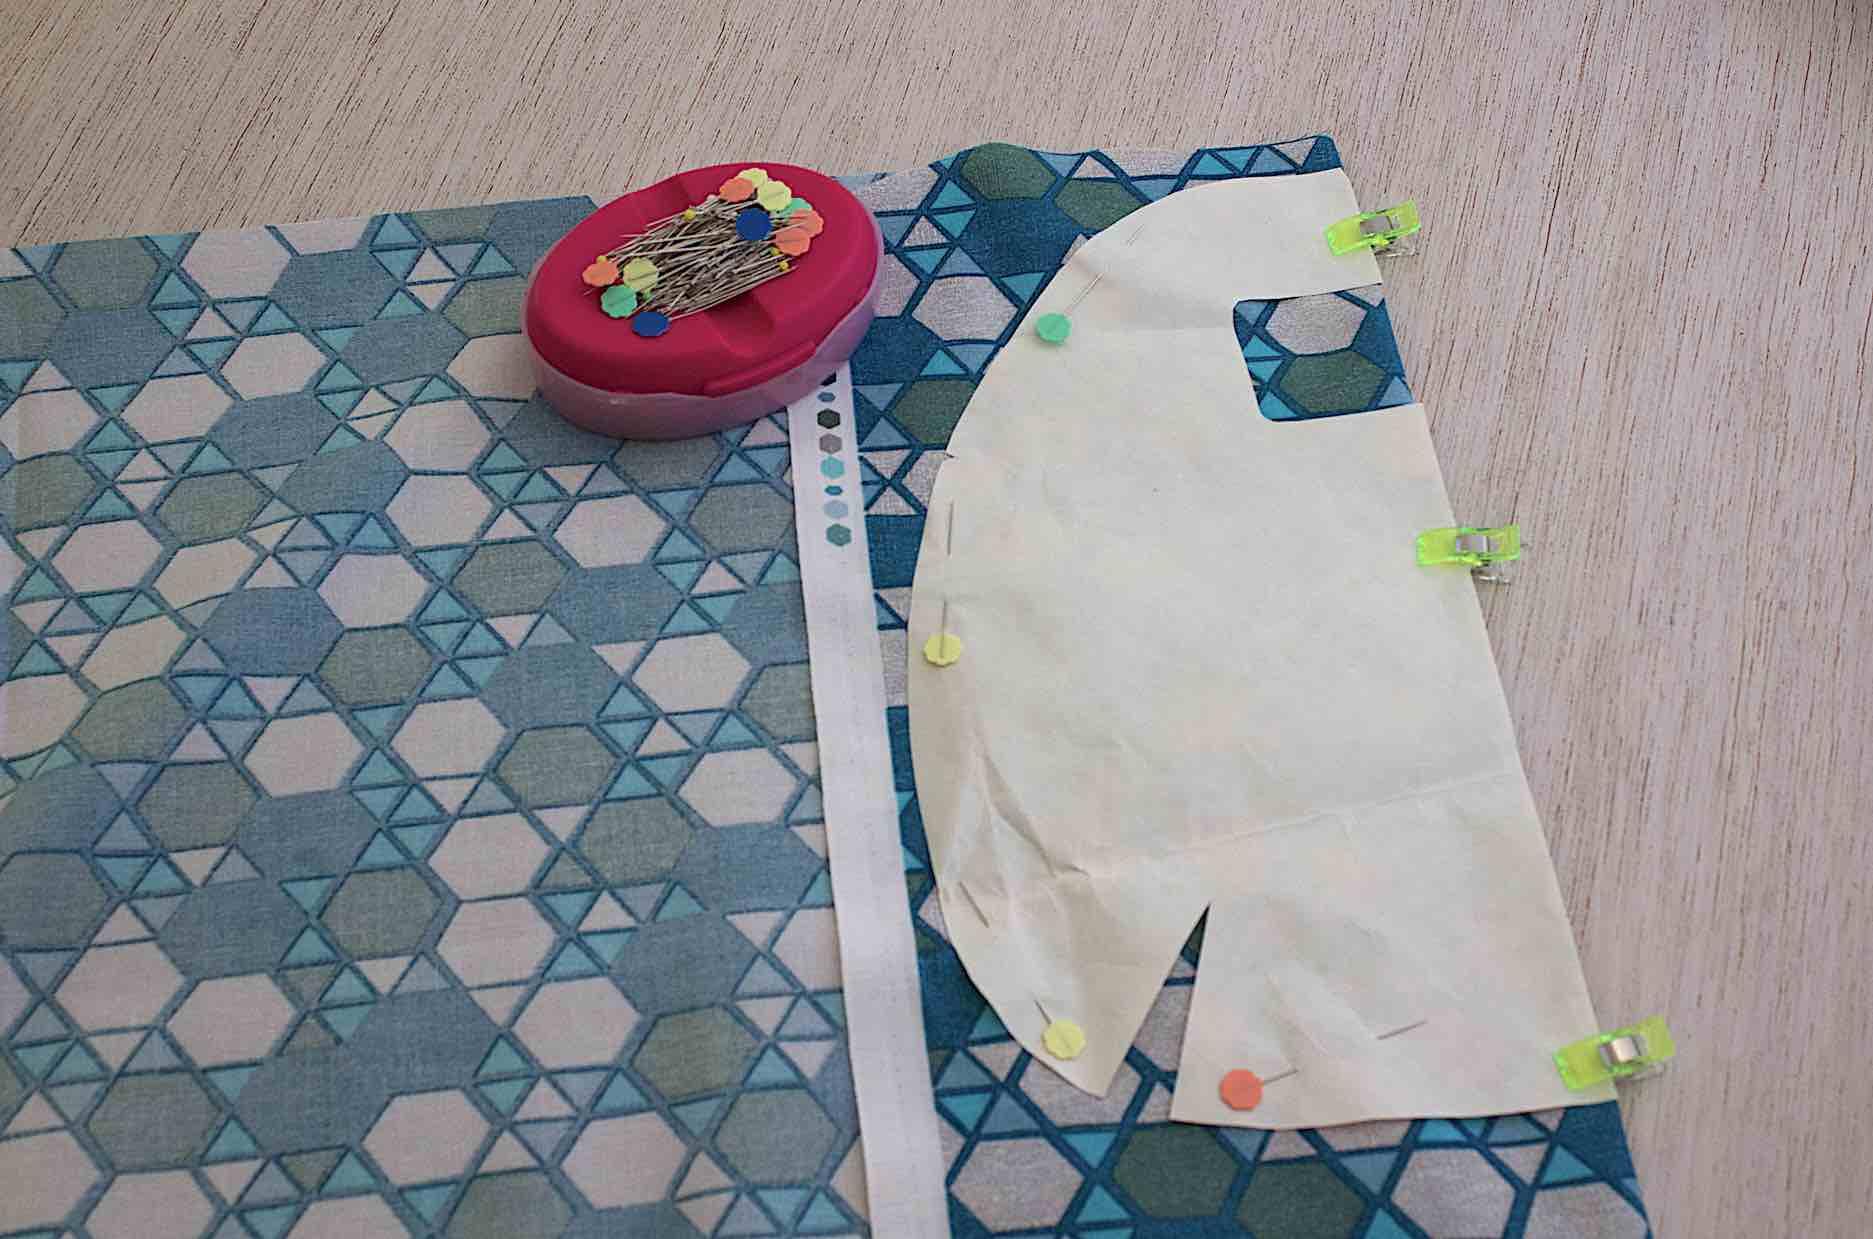 Riportare sul tessuto messo doppio, il cartamodello